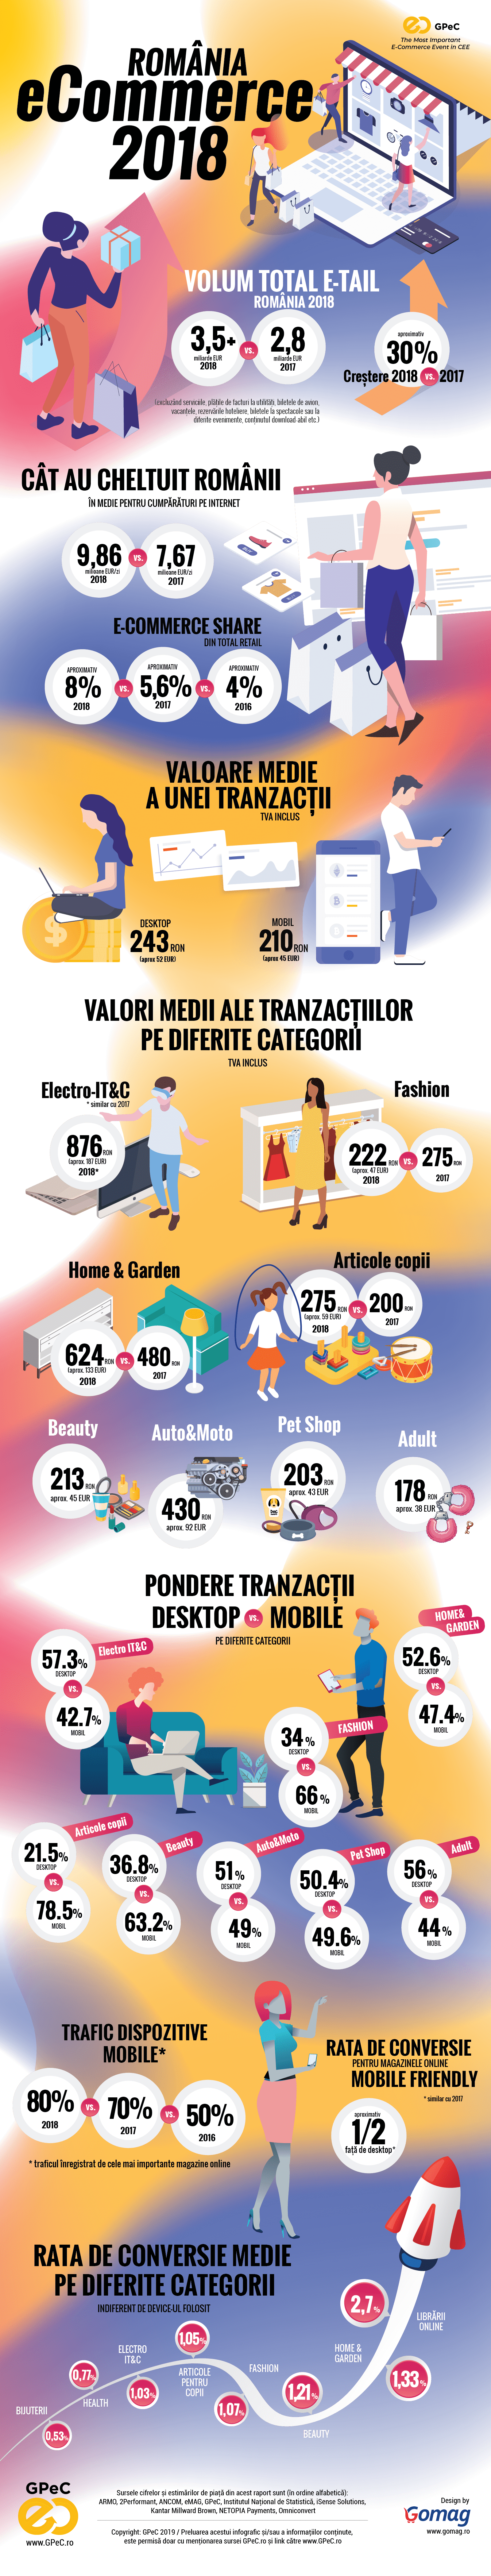 infografic cu statistici si date privind piata de eCommerce din Romania in 2018